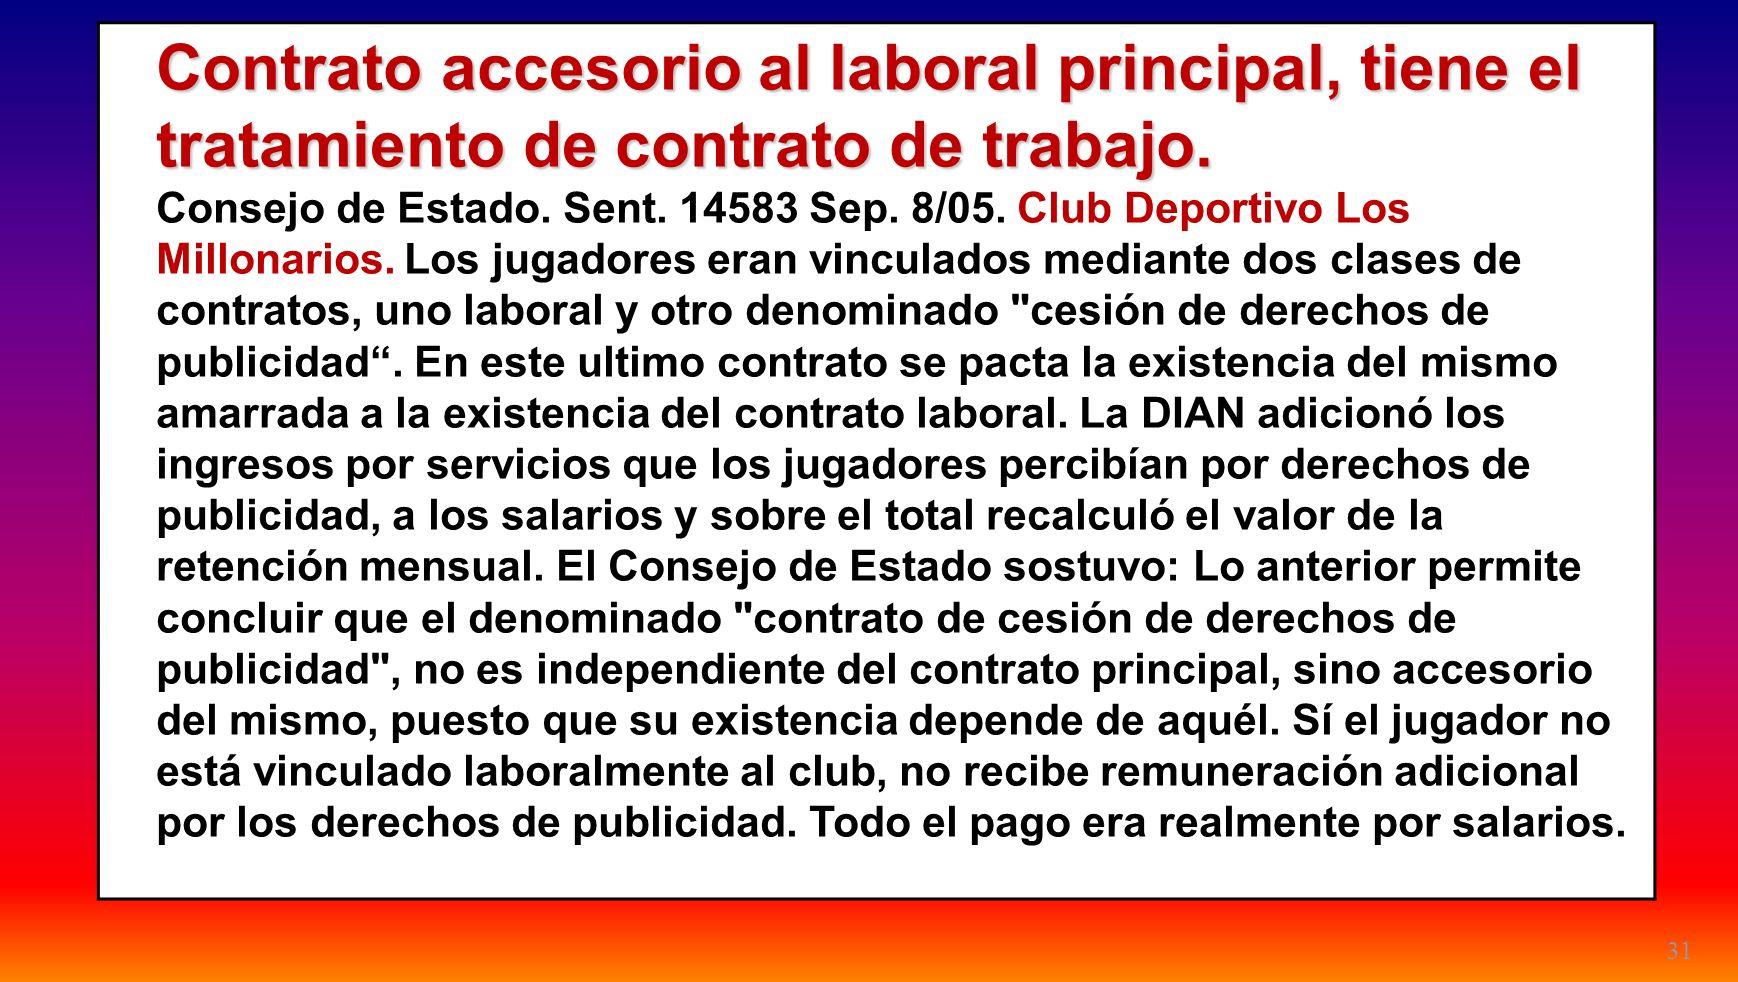 31 Contrato accesorio al laboral principal, tiene el tratamiento de contrato de trabajo. Consejo de Estado. Sent. 14583 Sep. 8/05. Club Deportivo Los